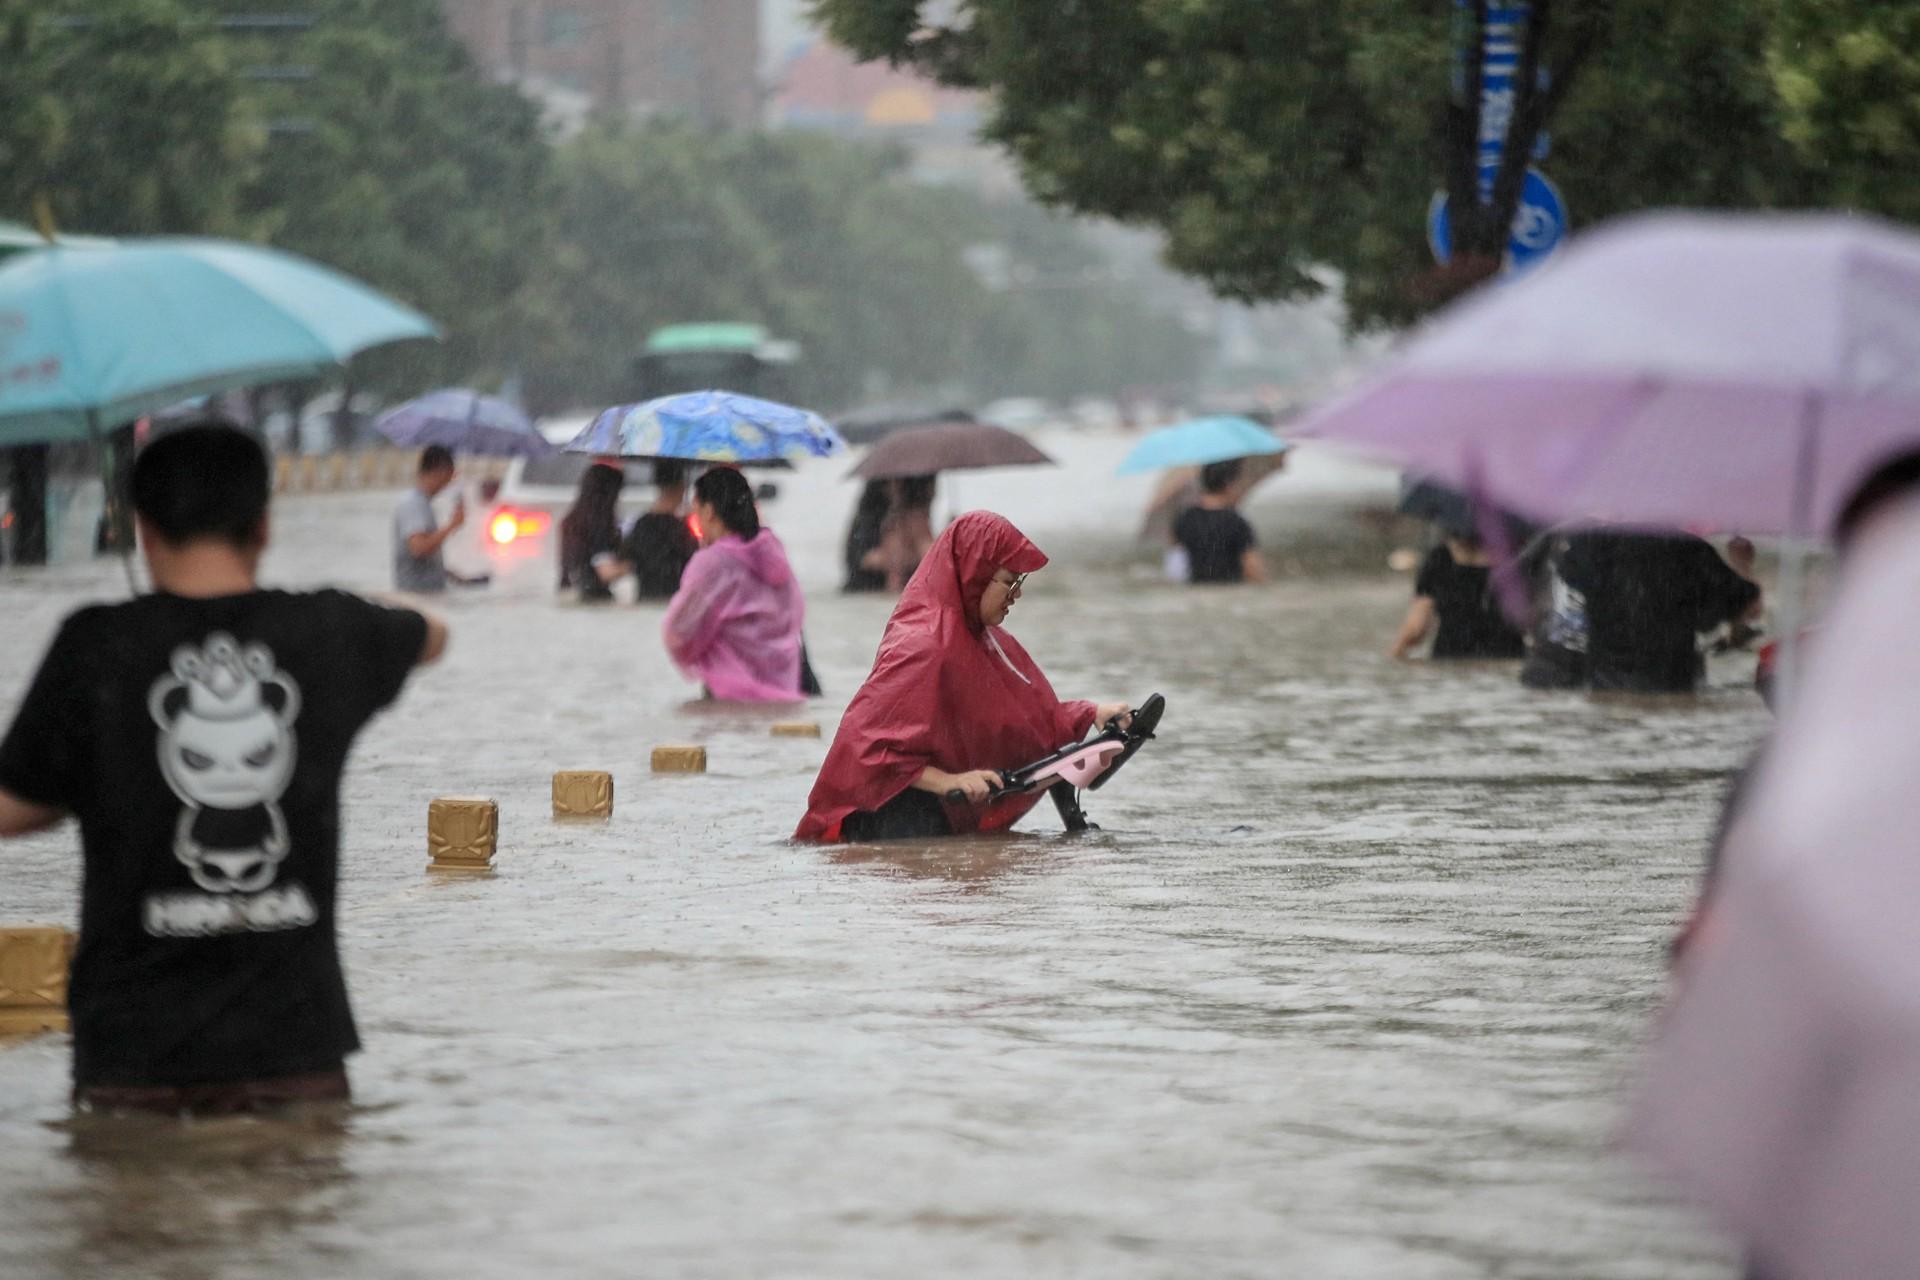 Esta foto tirada em 20 de julho de 2021 mostra pessoas atravessando as águas da enchente ao longo de uma rua após fortes chuvas em Zhengzhou, na província chinesa de Henan. (Foto por STR / AFP) / China OUT  (Foto: STR / AFP/ China OUT )